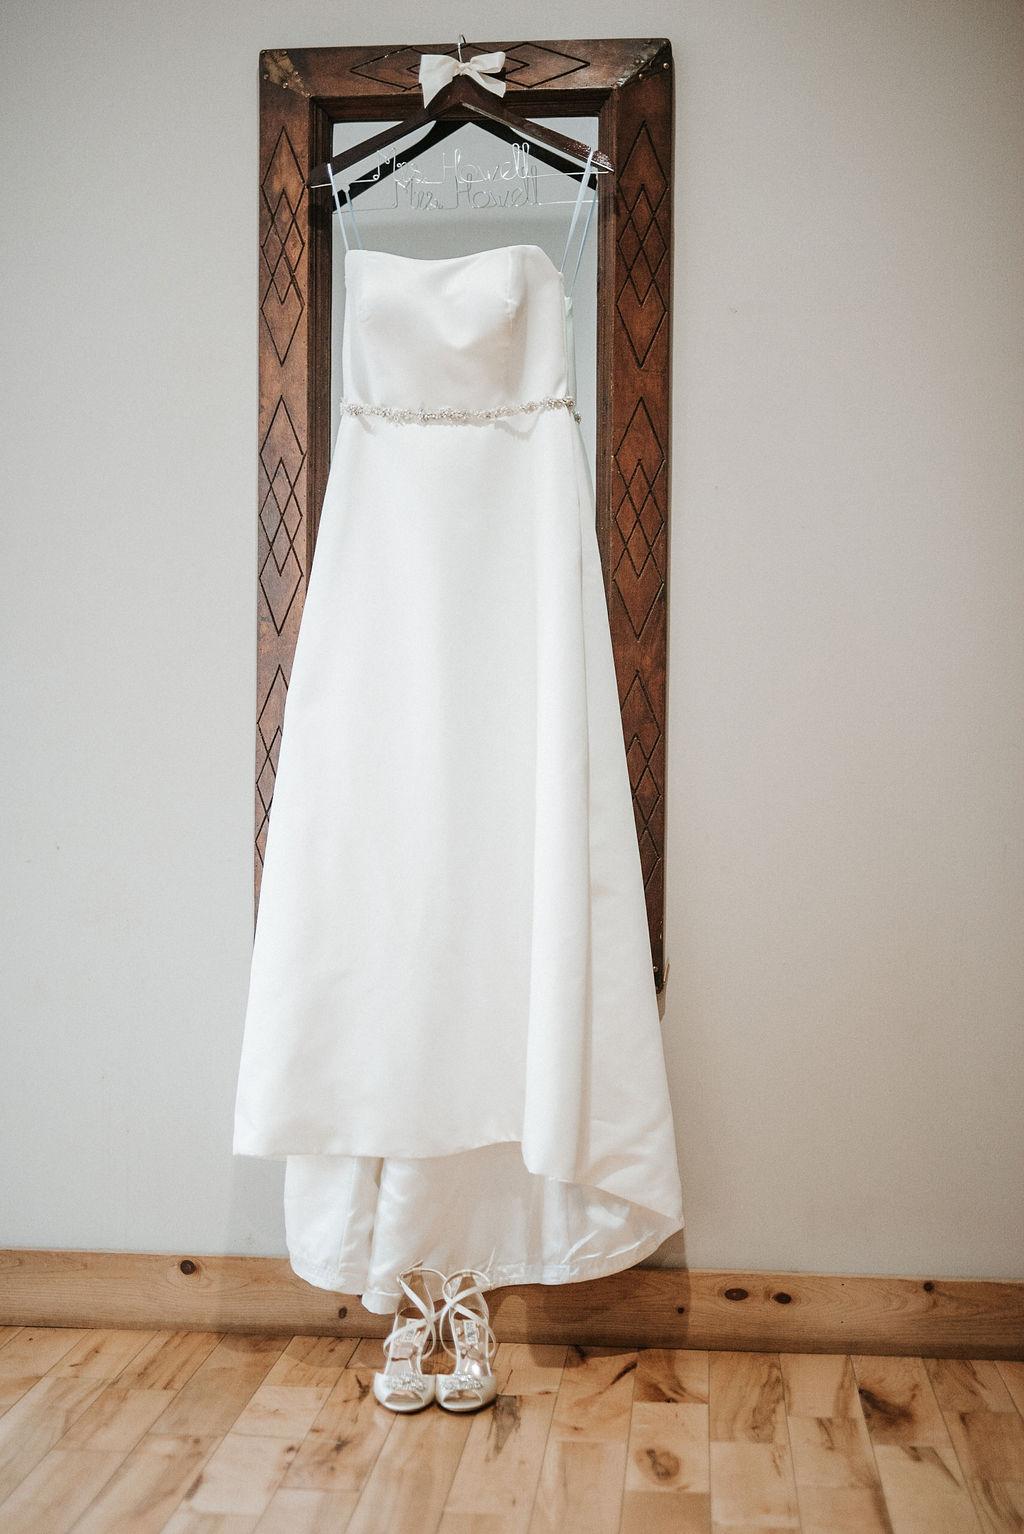 wedding dress detail shot at Linganore Winecellars